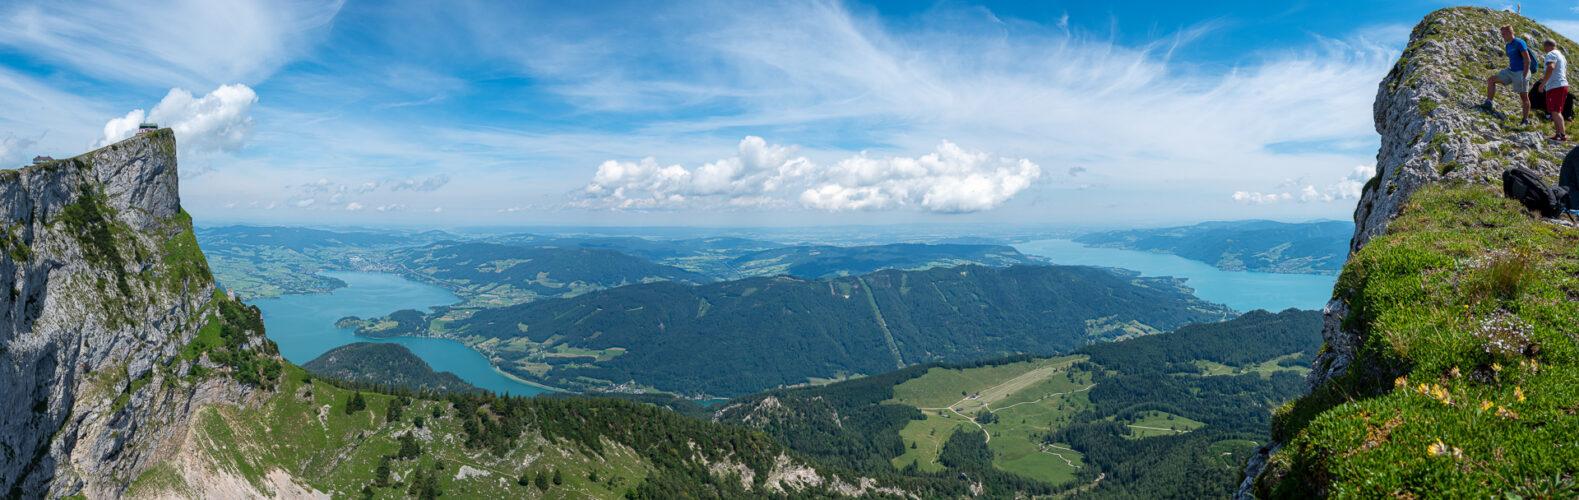 Avusturya_0008